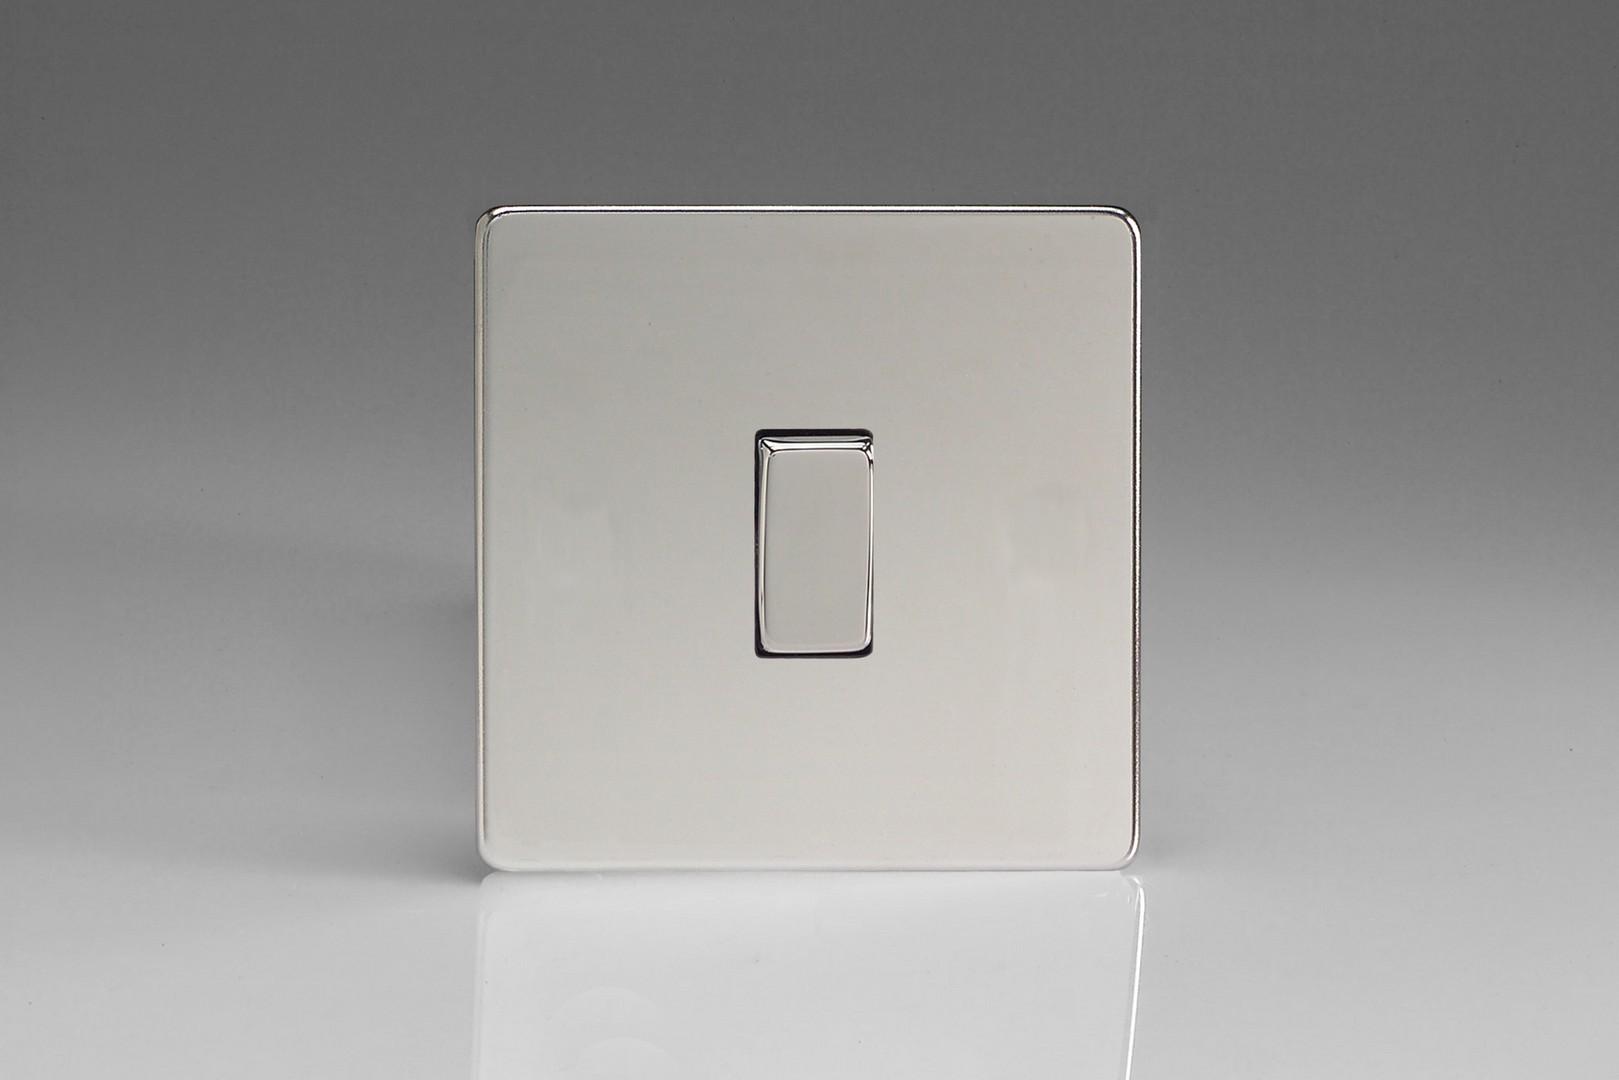 VARILIGHT V-Dim Dimmer Series for Incandescent Lighting